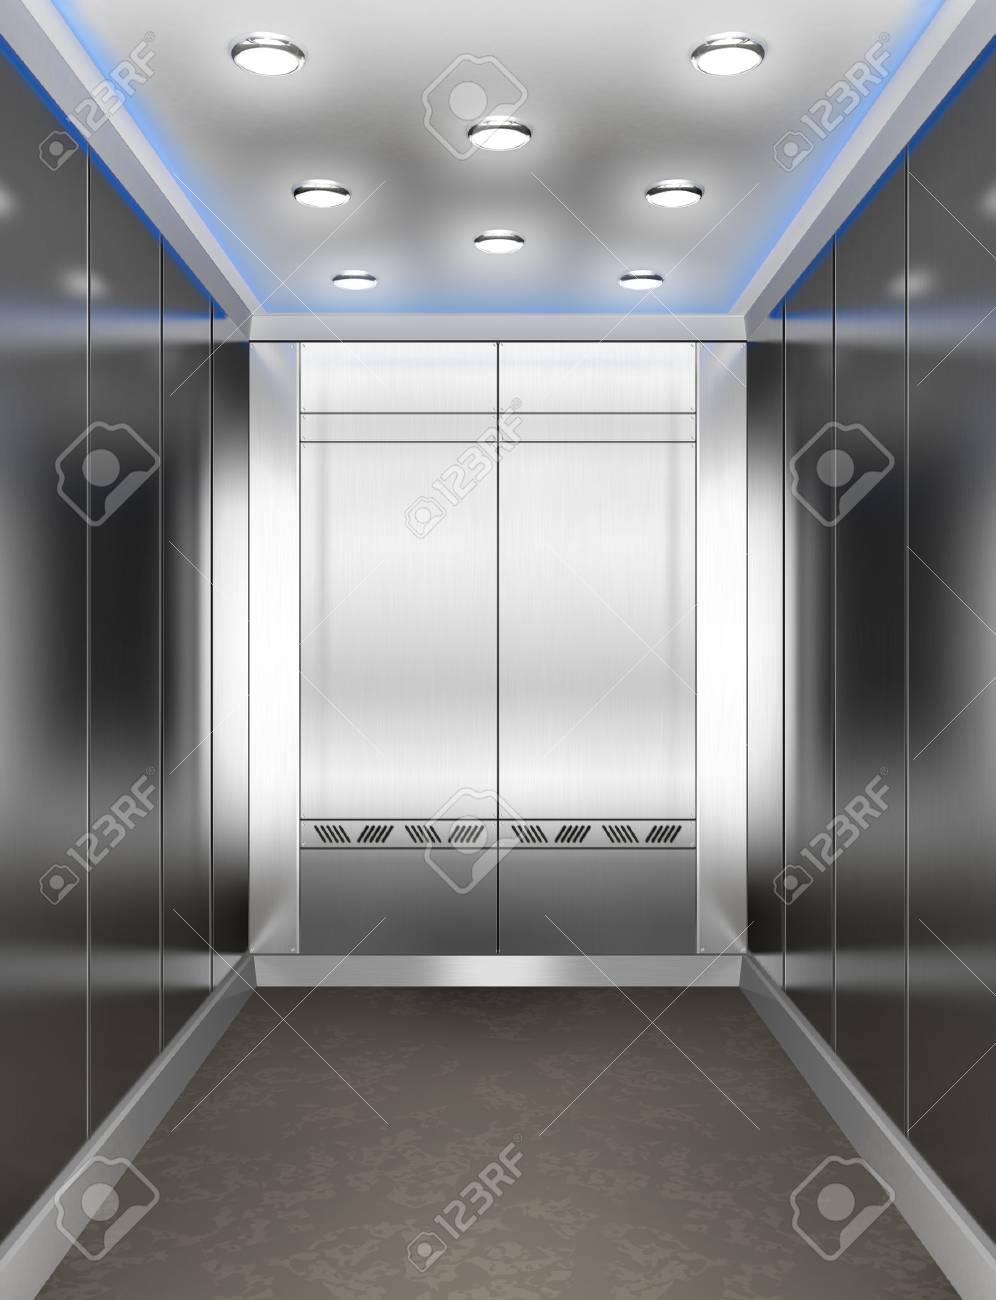 Modern elevator with opened door - 37553442